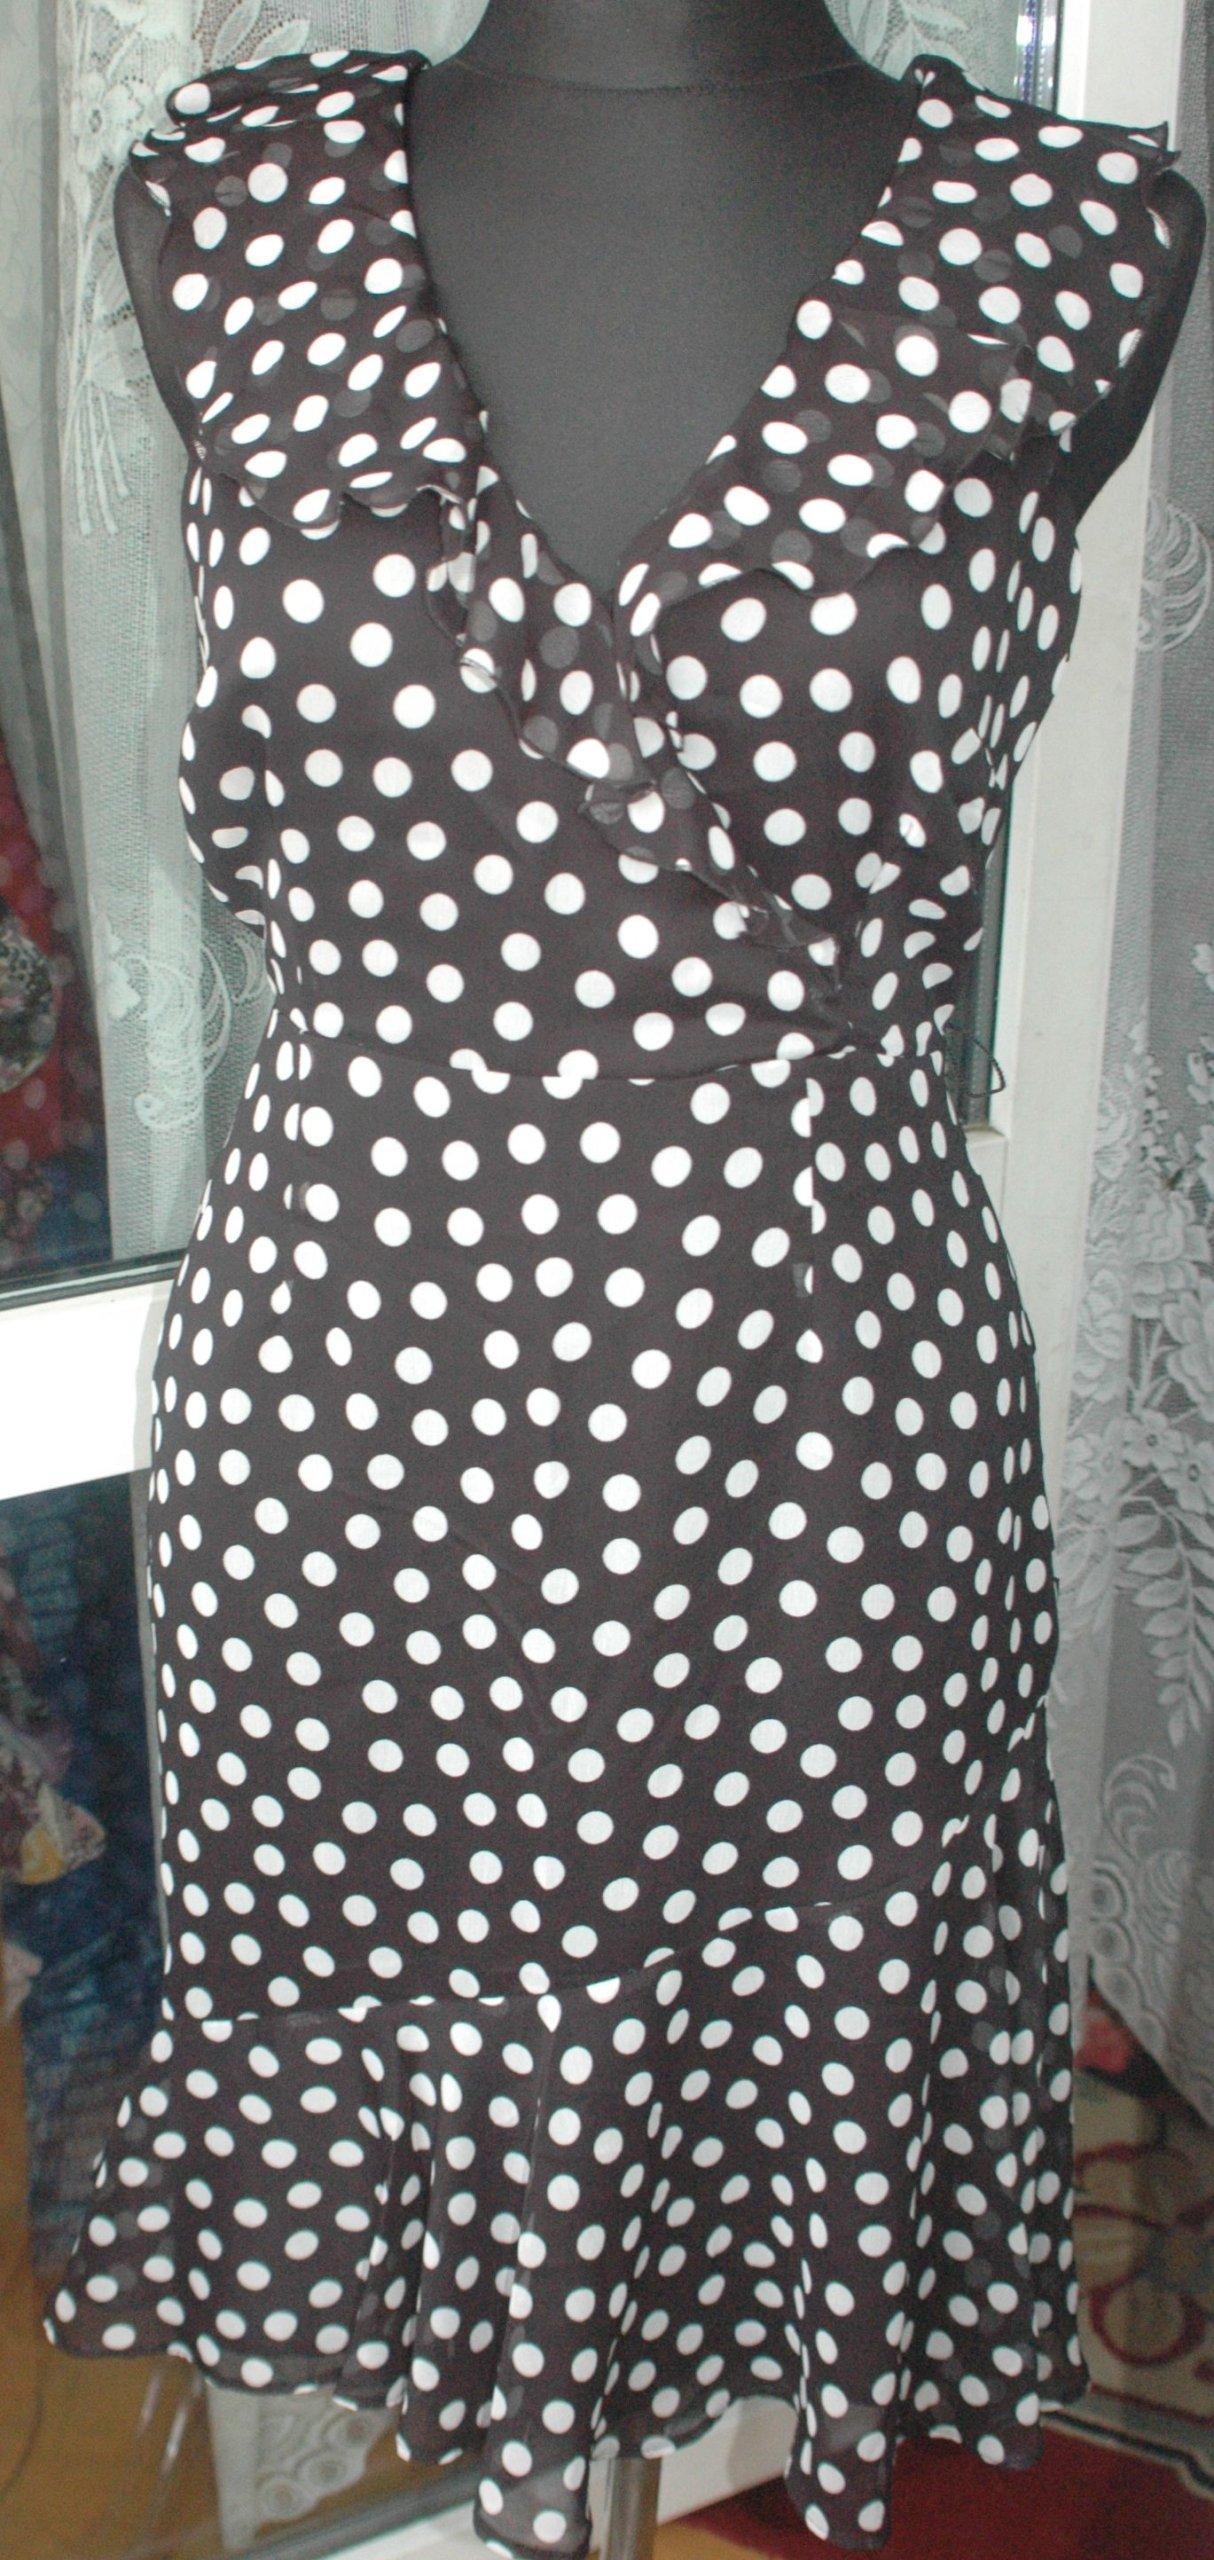 2c3a131744 F E sliczna sukienka w groszki r 40 42 grati - 7356833817 ...